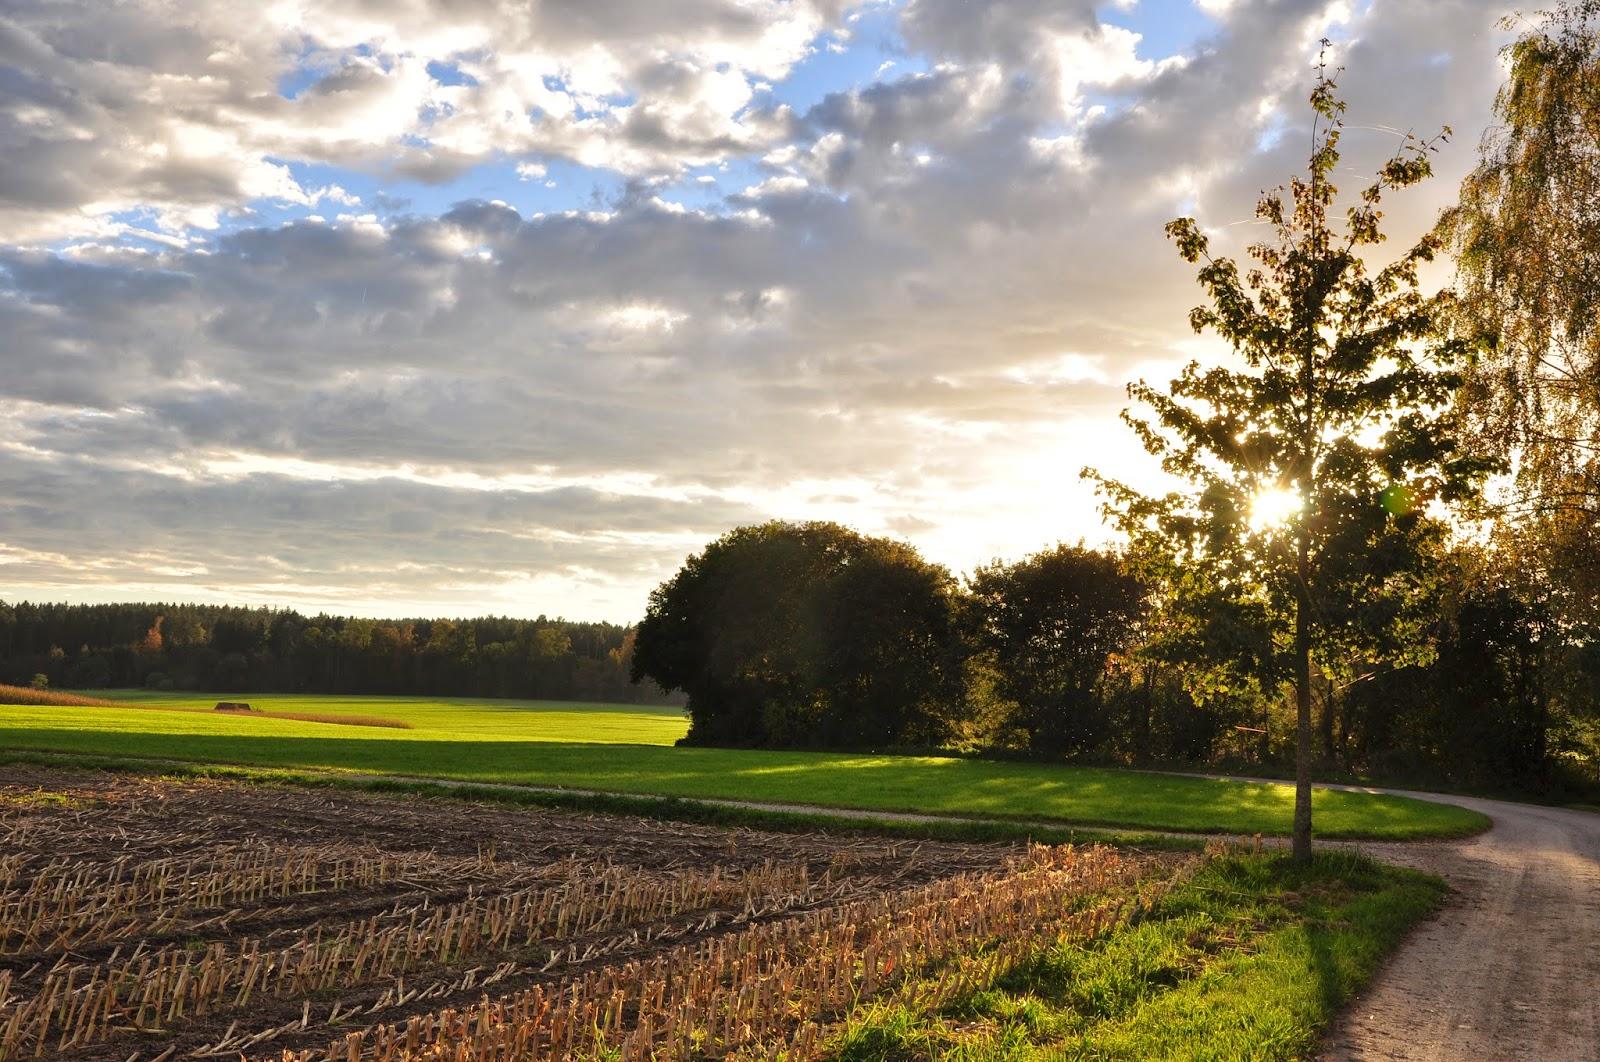 Herbst-Impressionen | Spätsommersonne am Abend